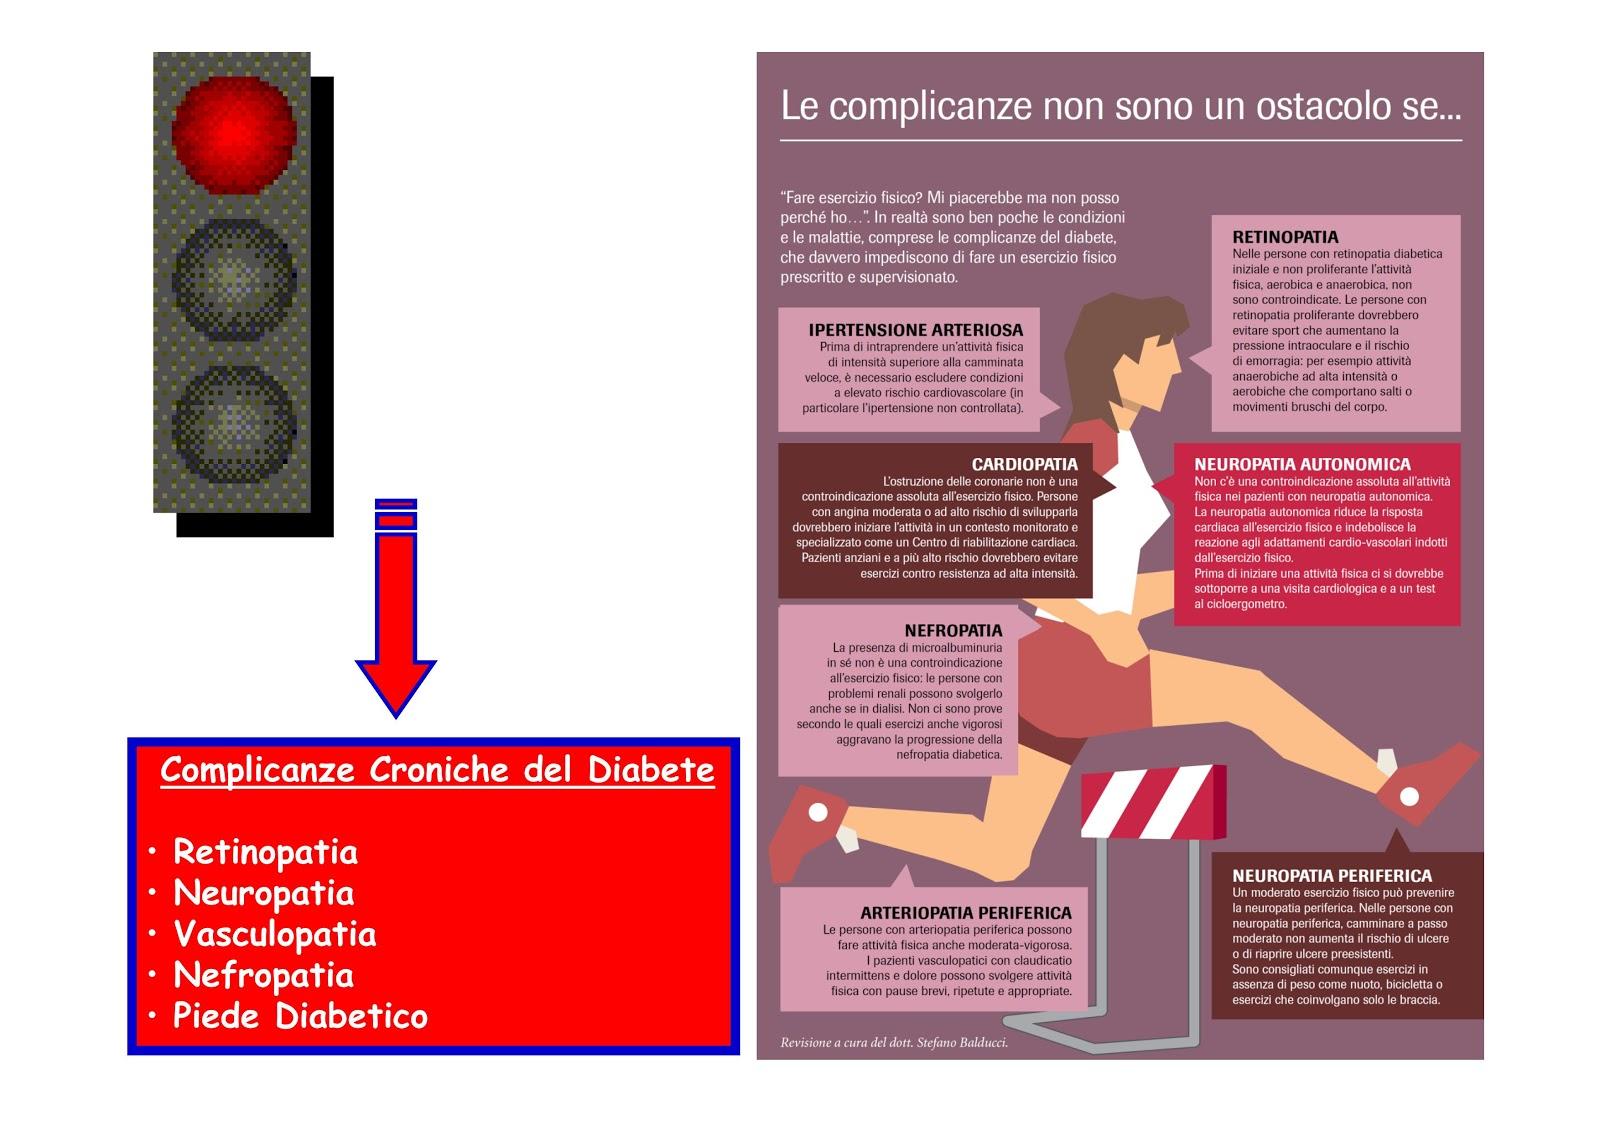 prevenzione diabetes nelle piazzetta